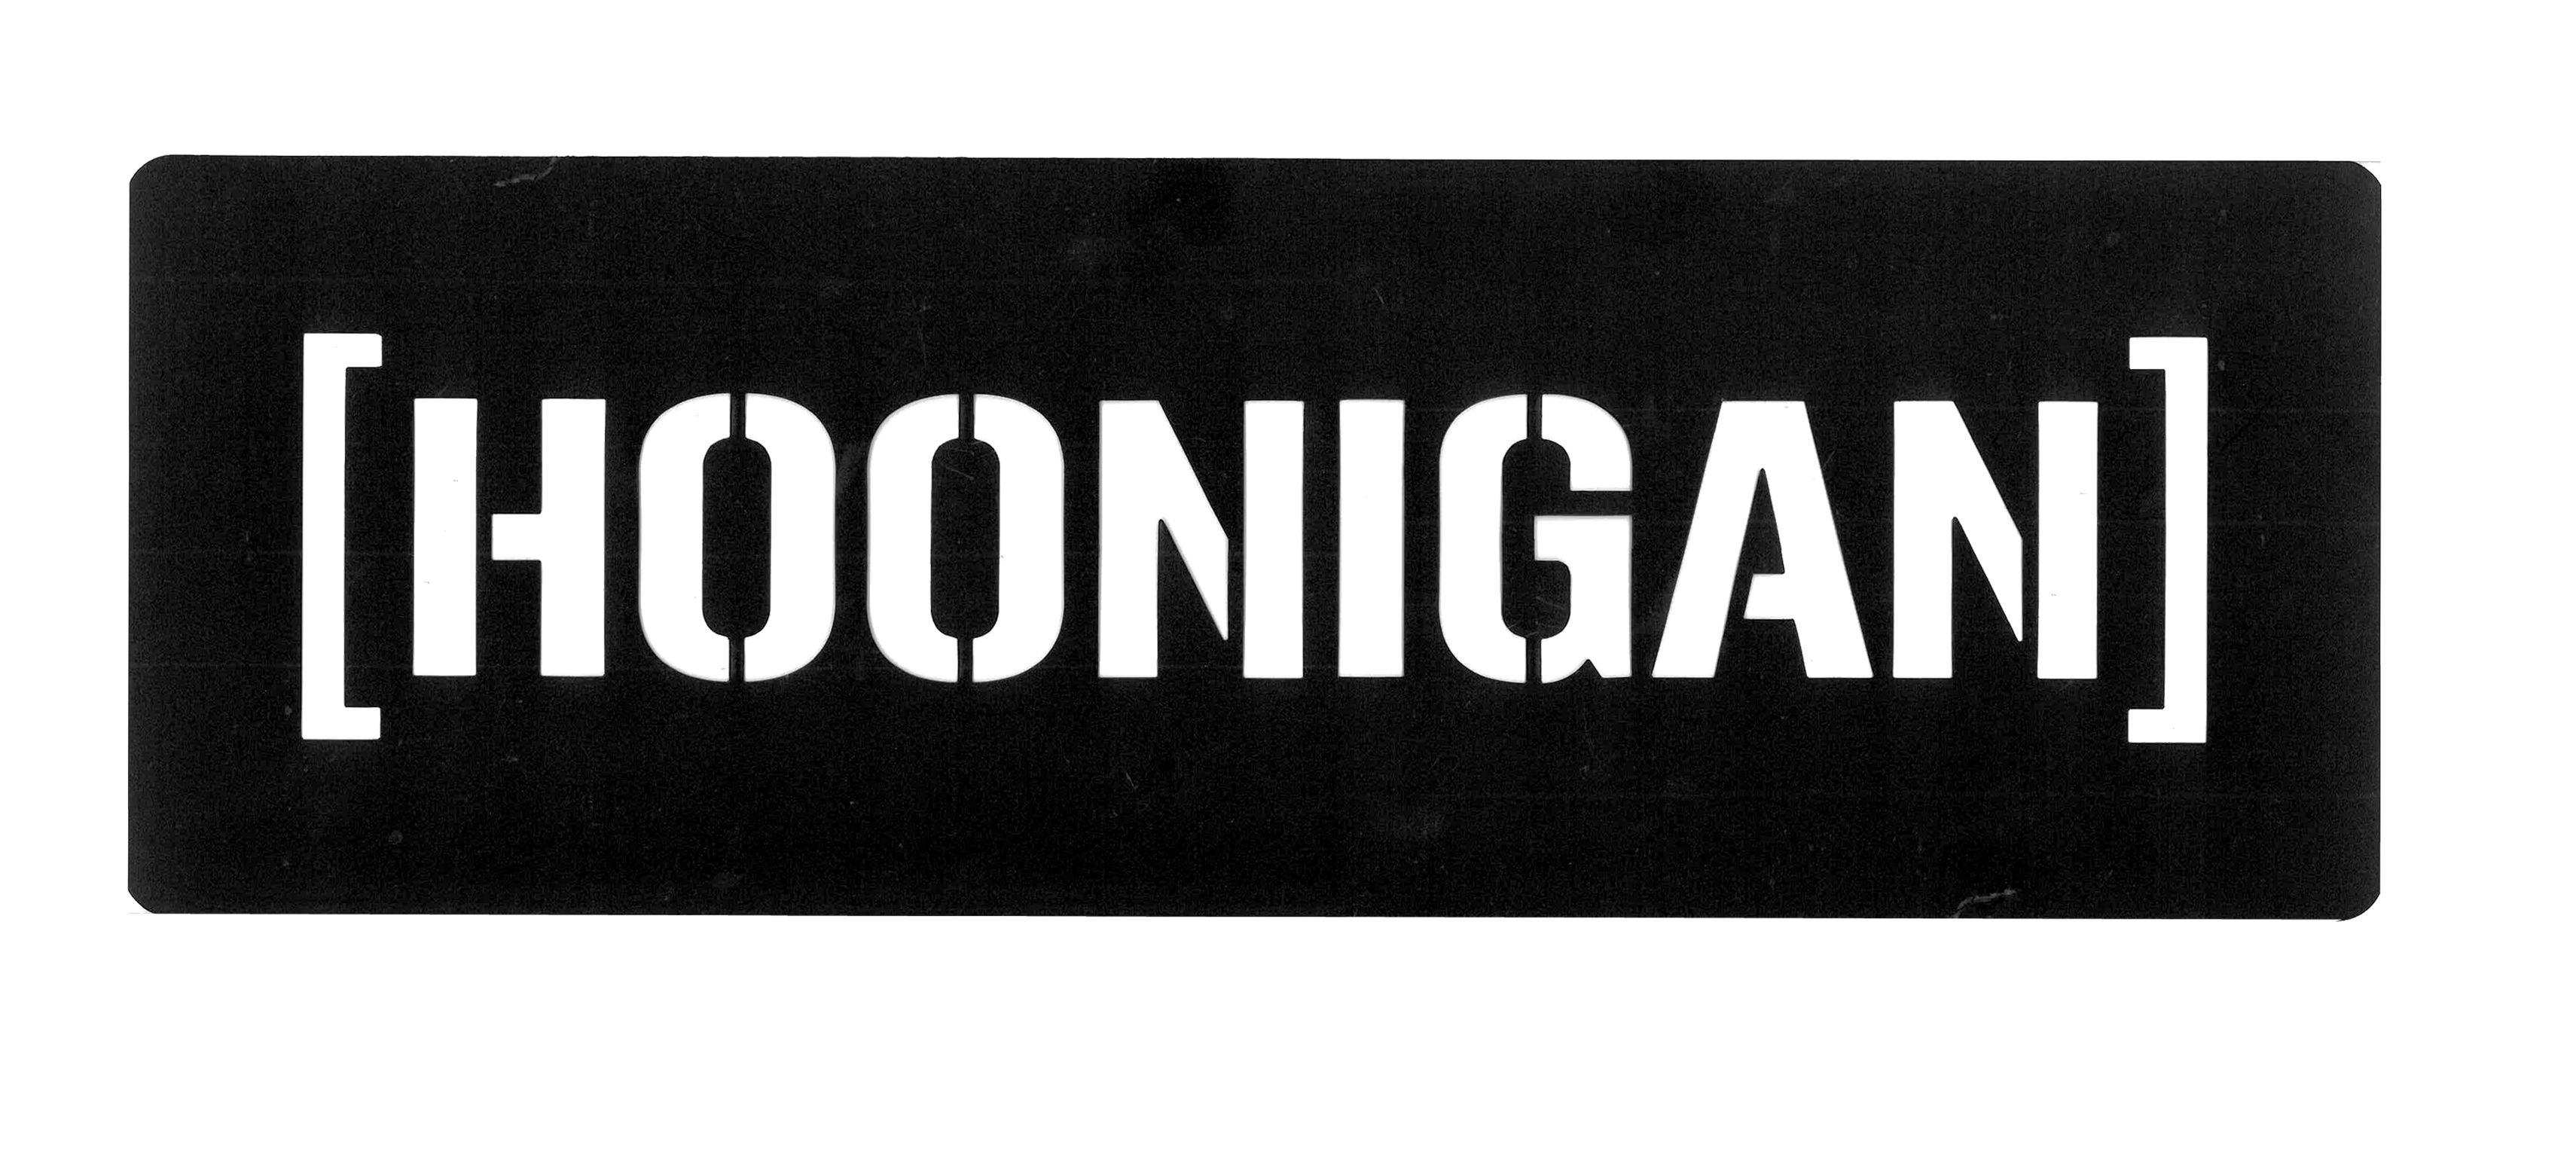 Hoonigan Escort >> Hoonigan black bar #Hoonigan #TheHoonigans | HOONIGAN ...